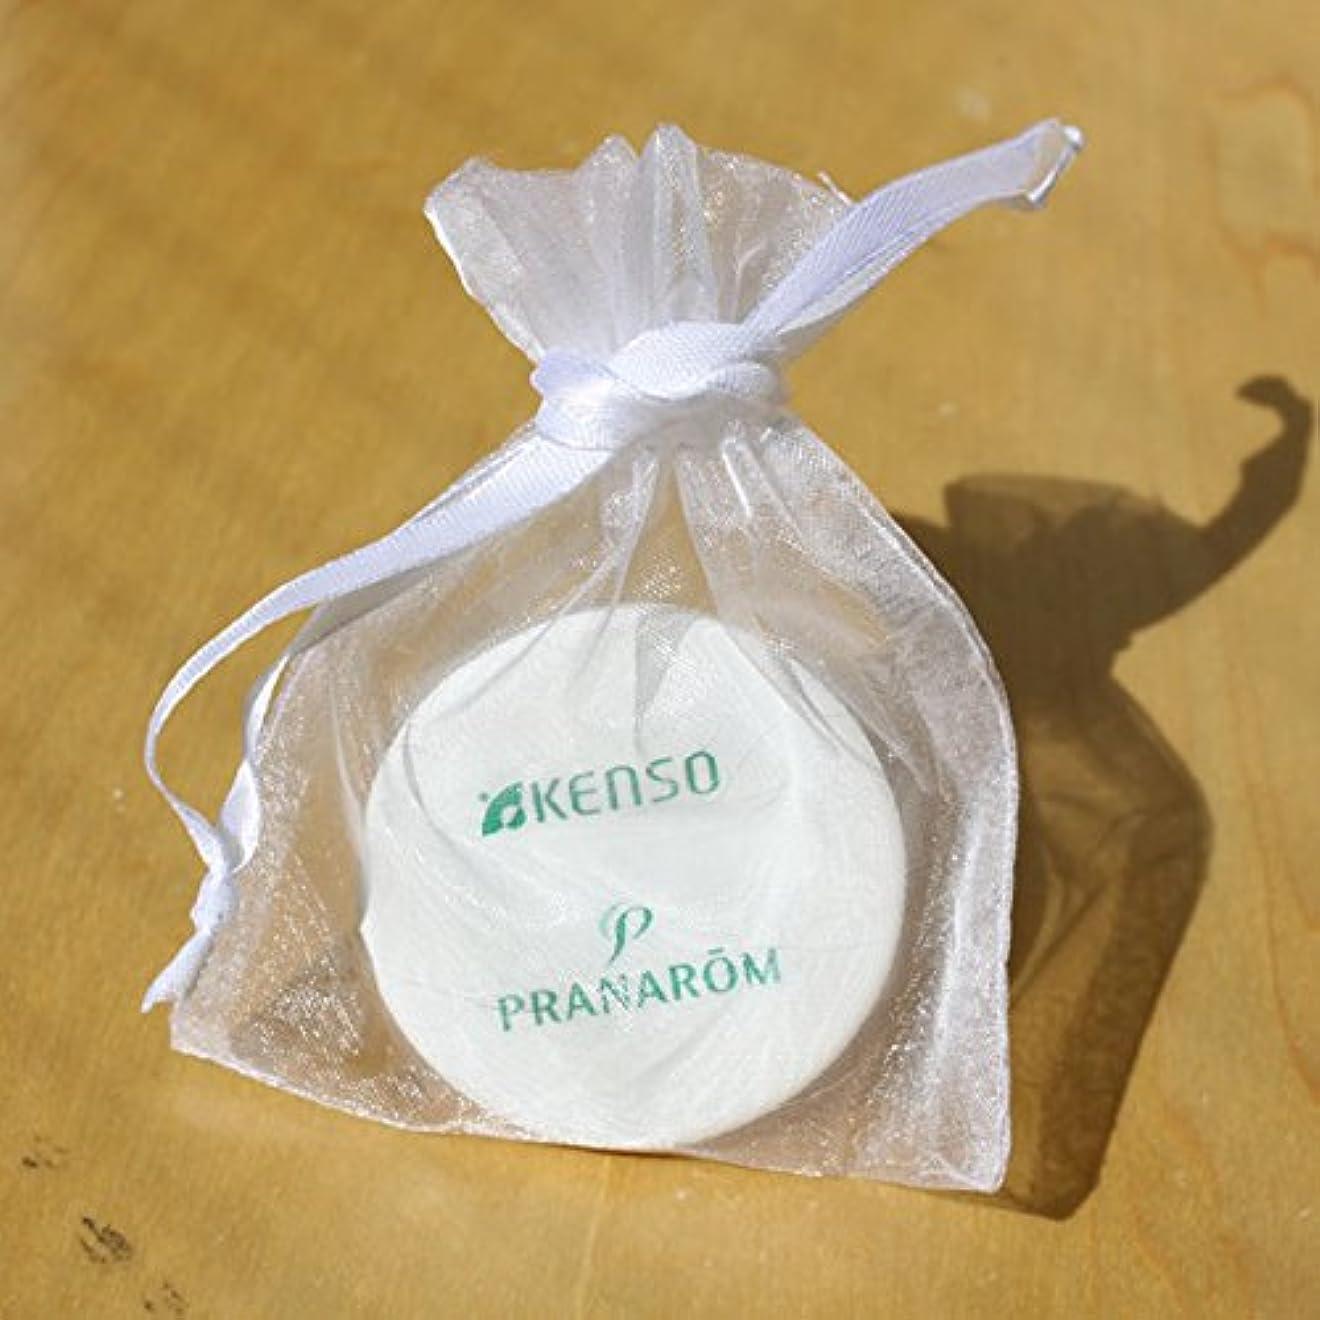 固有のビリー歌詞健草医学舎 ( KENSO ケンソー ) アロマストーン ( 携帯用小袋付ディフューザー ) 02281 アロマストーンディフューザー